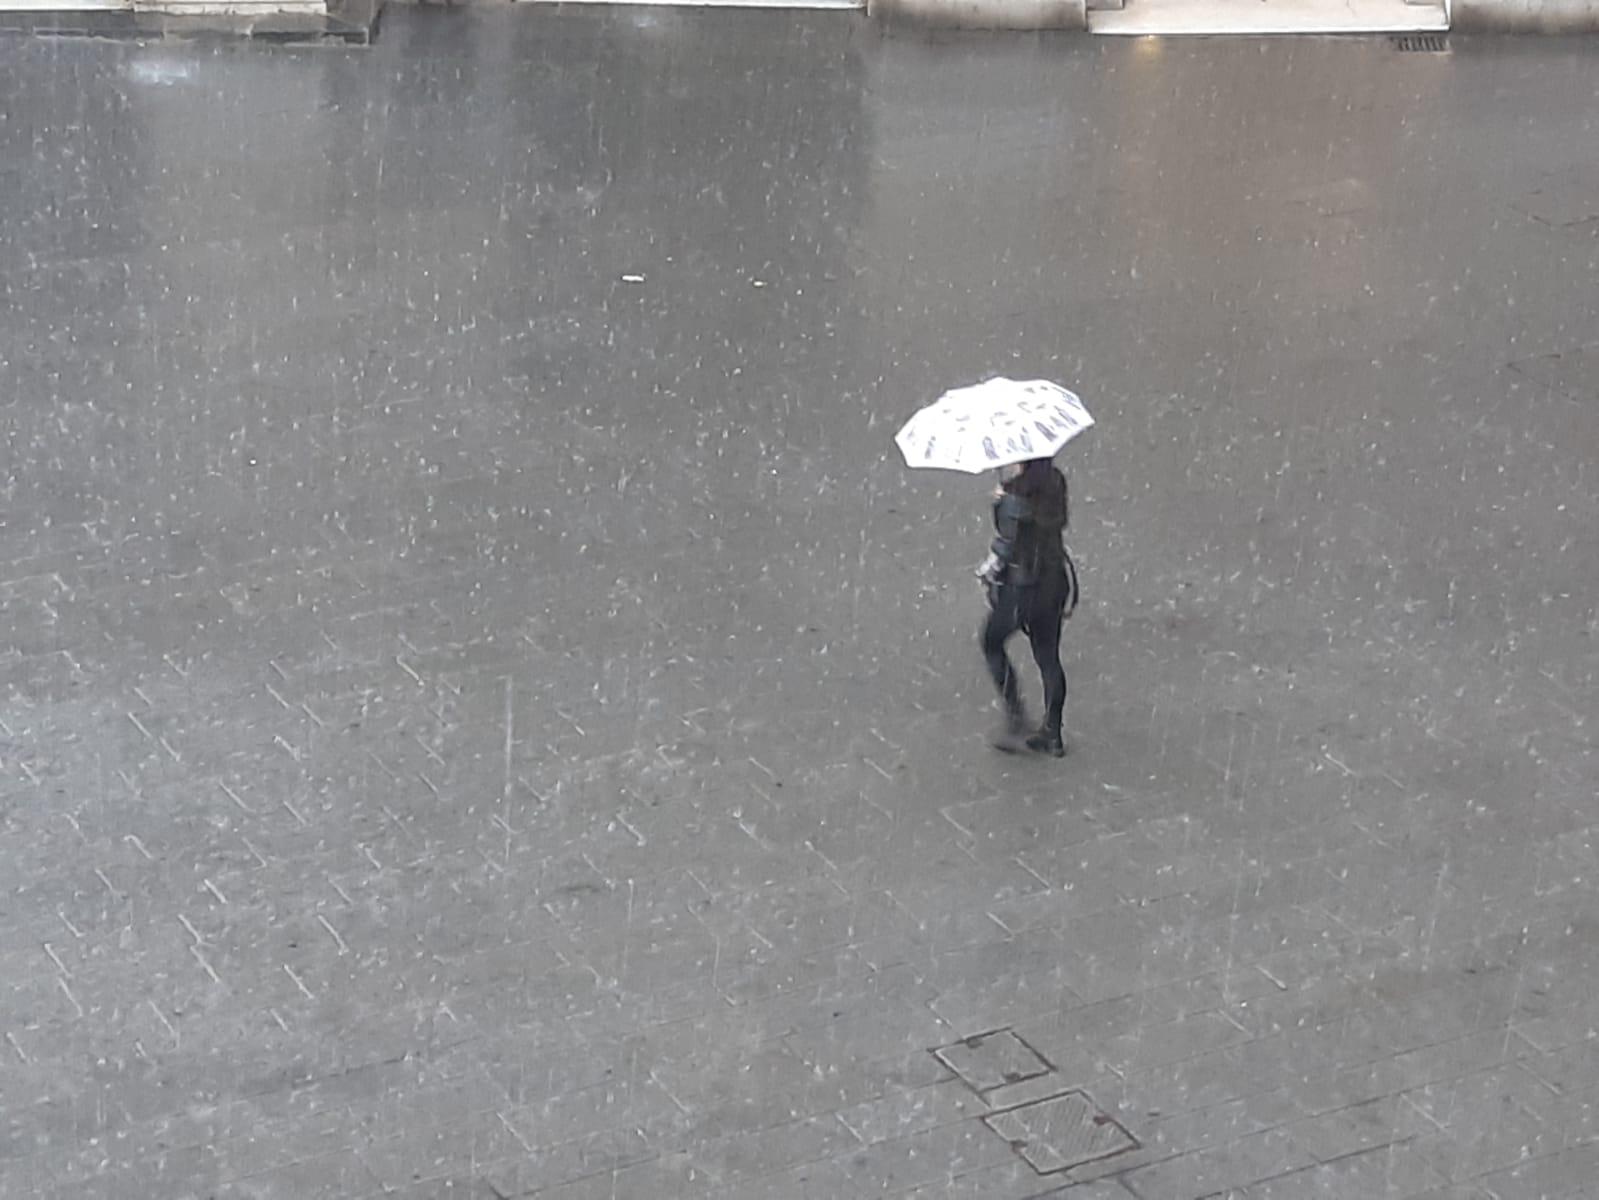 Maltempo, in arrivo temporali e forti piogge su tutta la Toscana